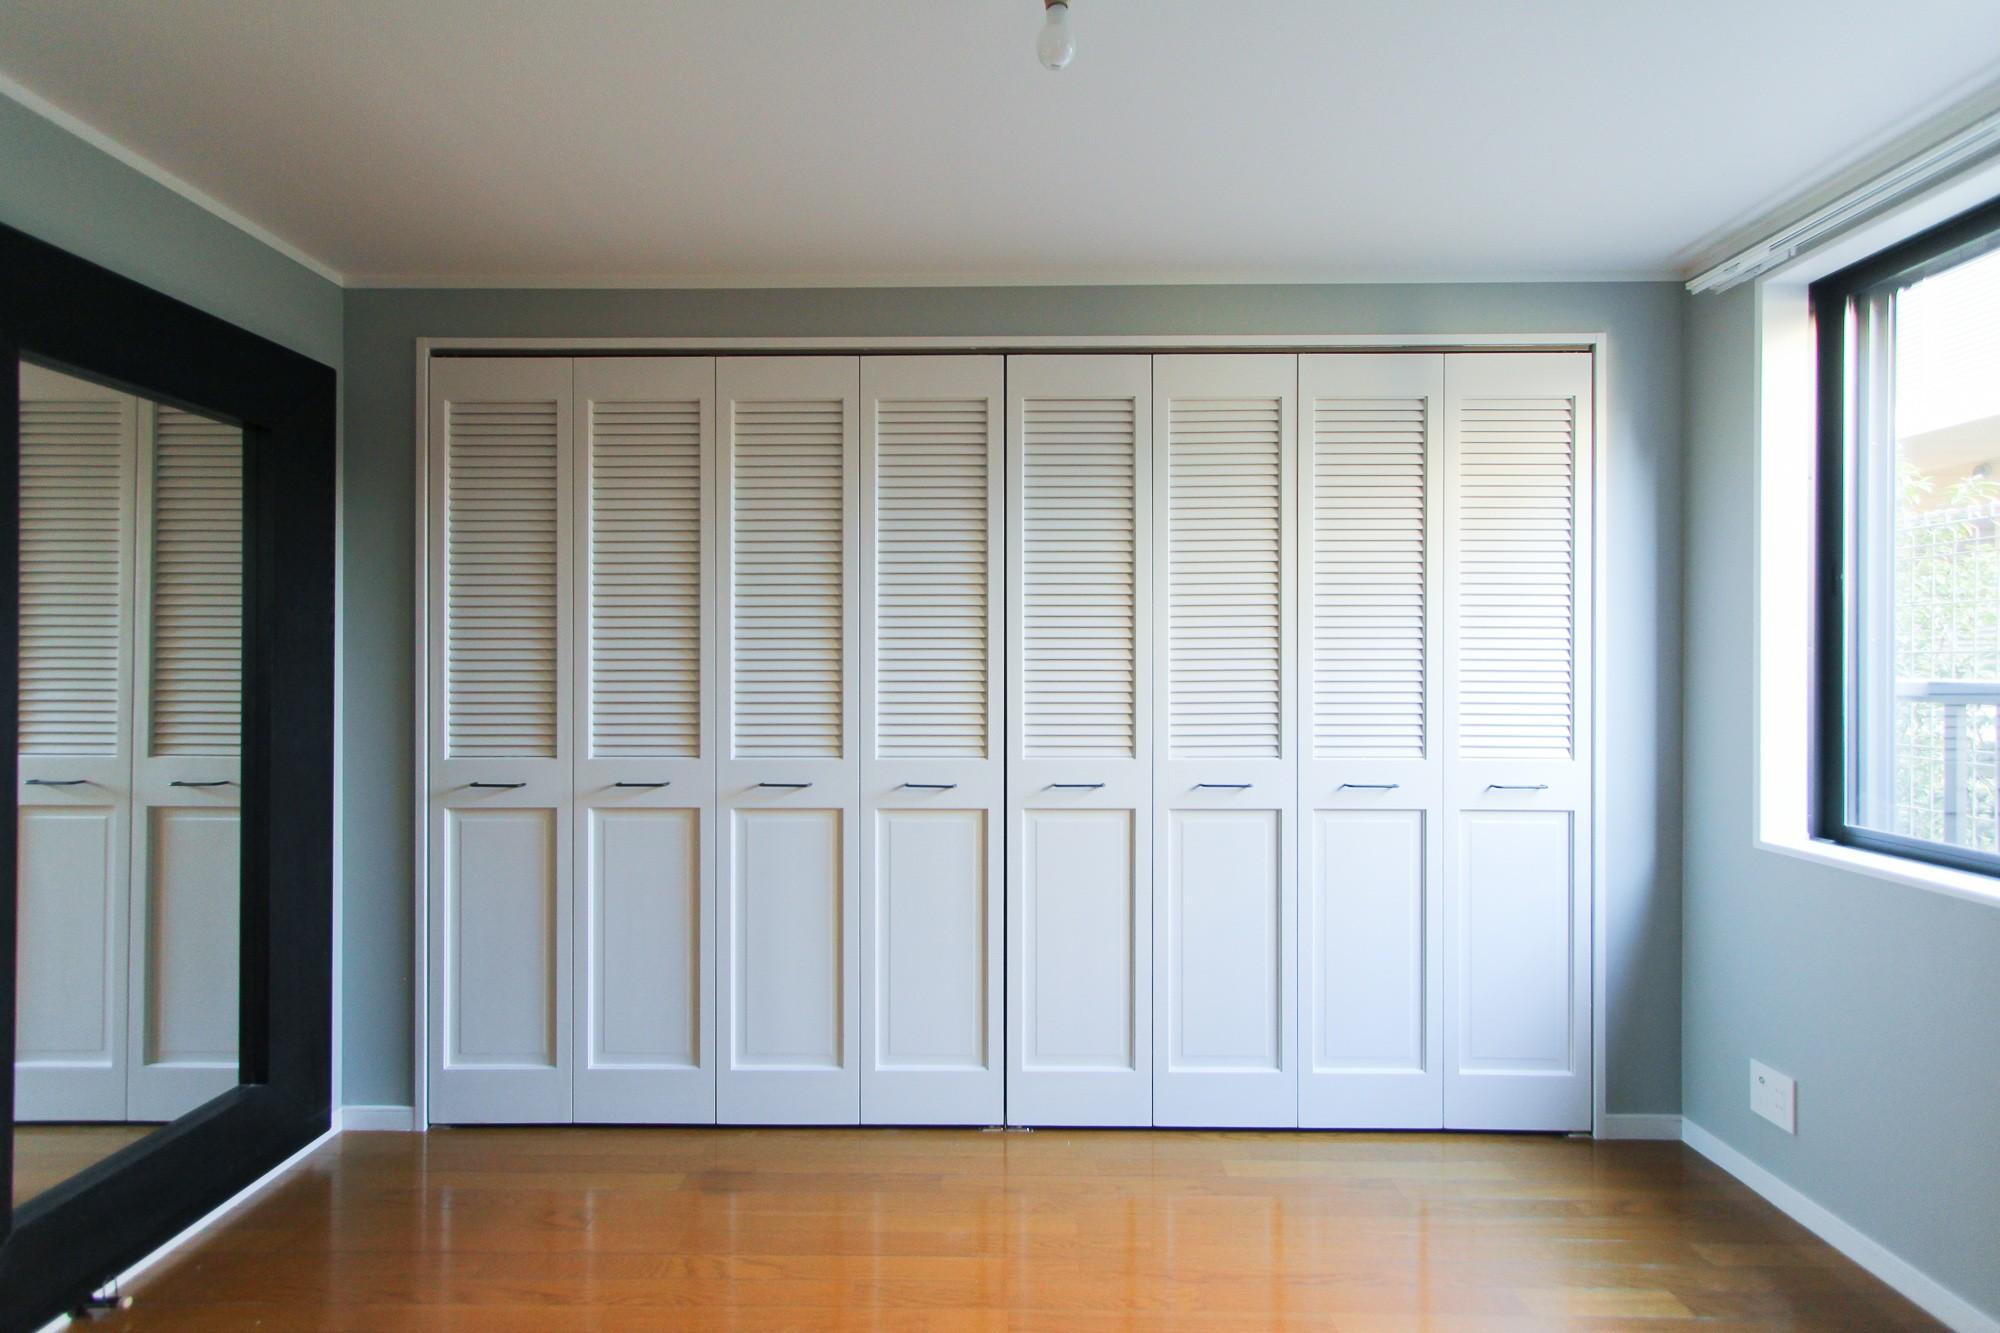 グレーの壁紙の寝室のクローゼットドア 明るく楽しい色づかい